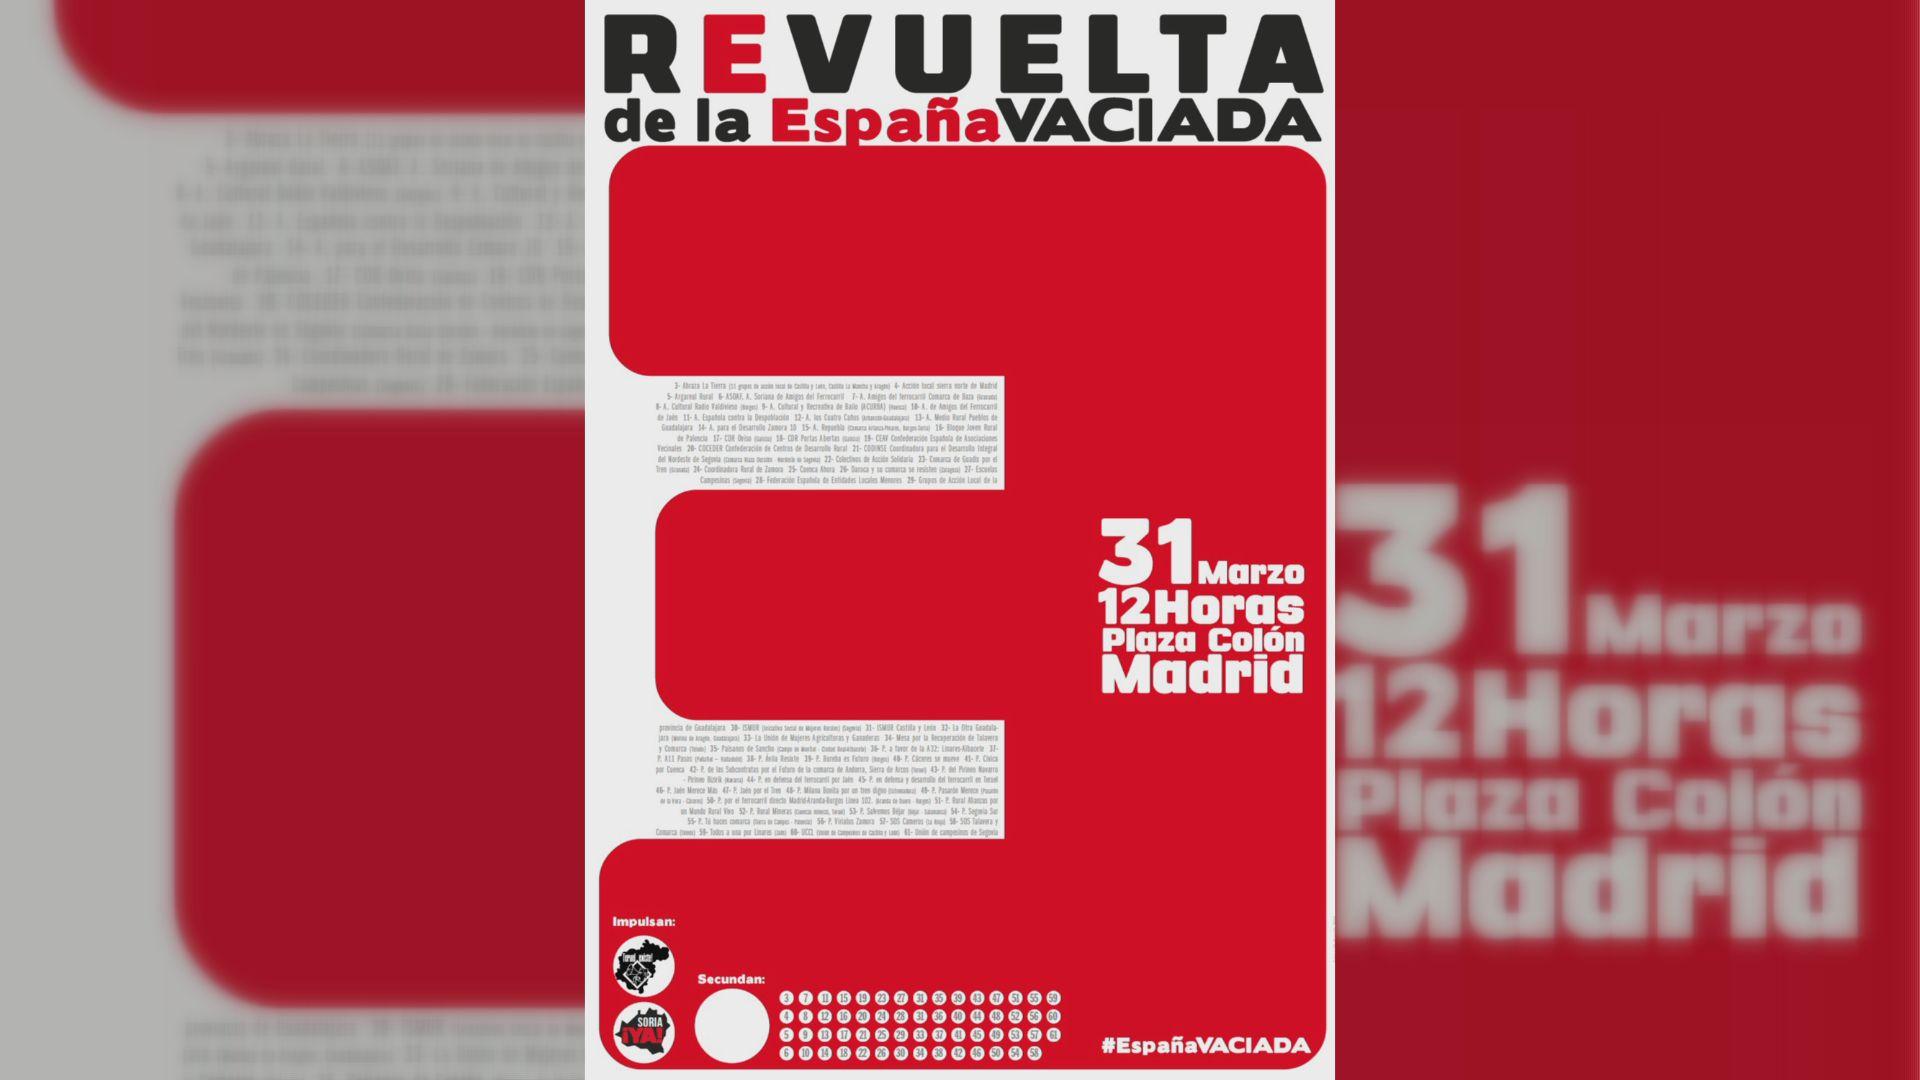 Cartel de la manifestación convocada para mañana en Madrid